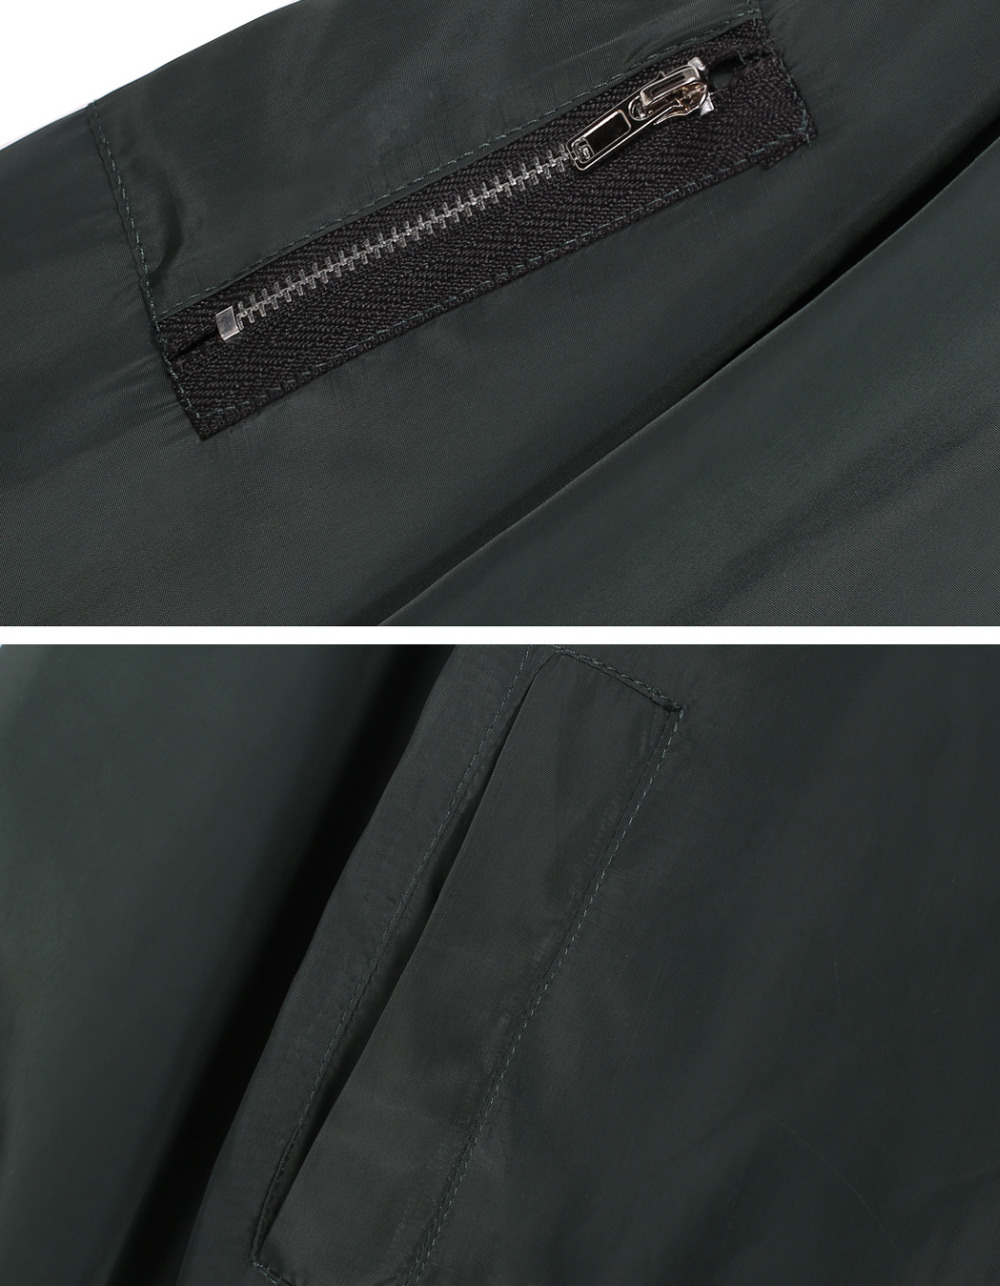 Livraison gratuite NWT Eshtanga femmes randonnée vestes super qualité col montant coupe-vent vestes extérieur séchage rapide veste 13 couleurs - 4